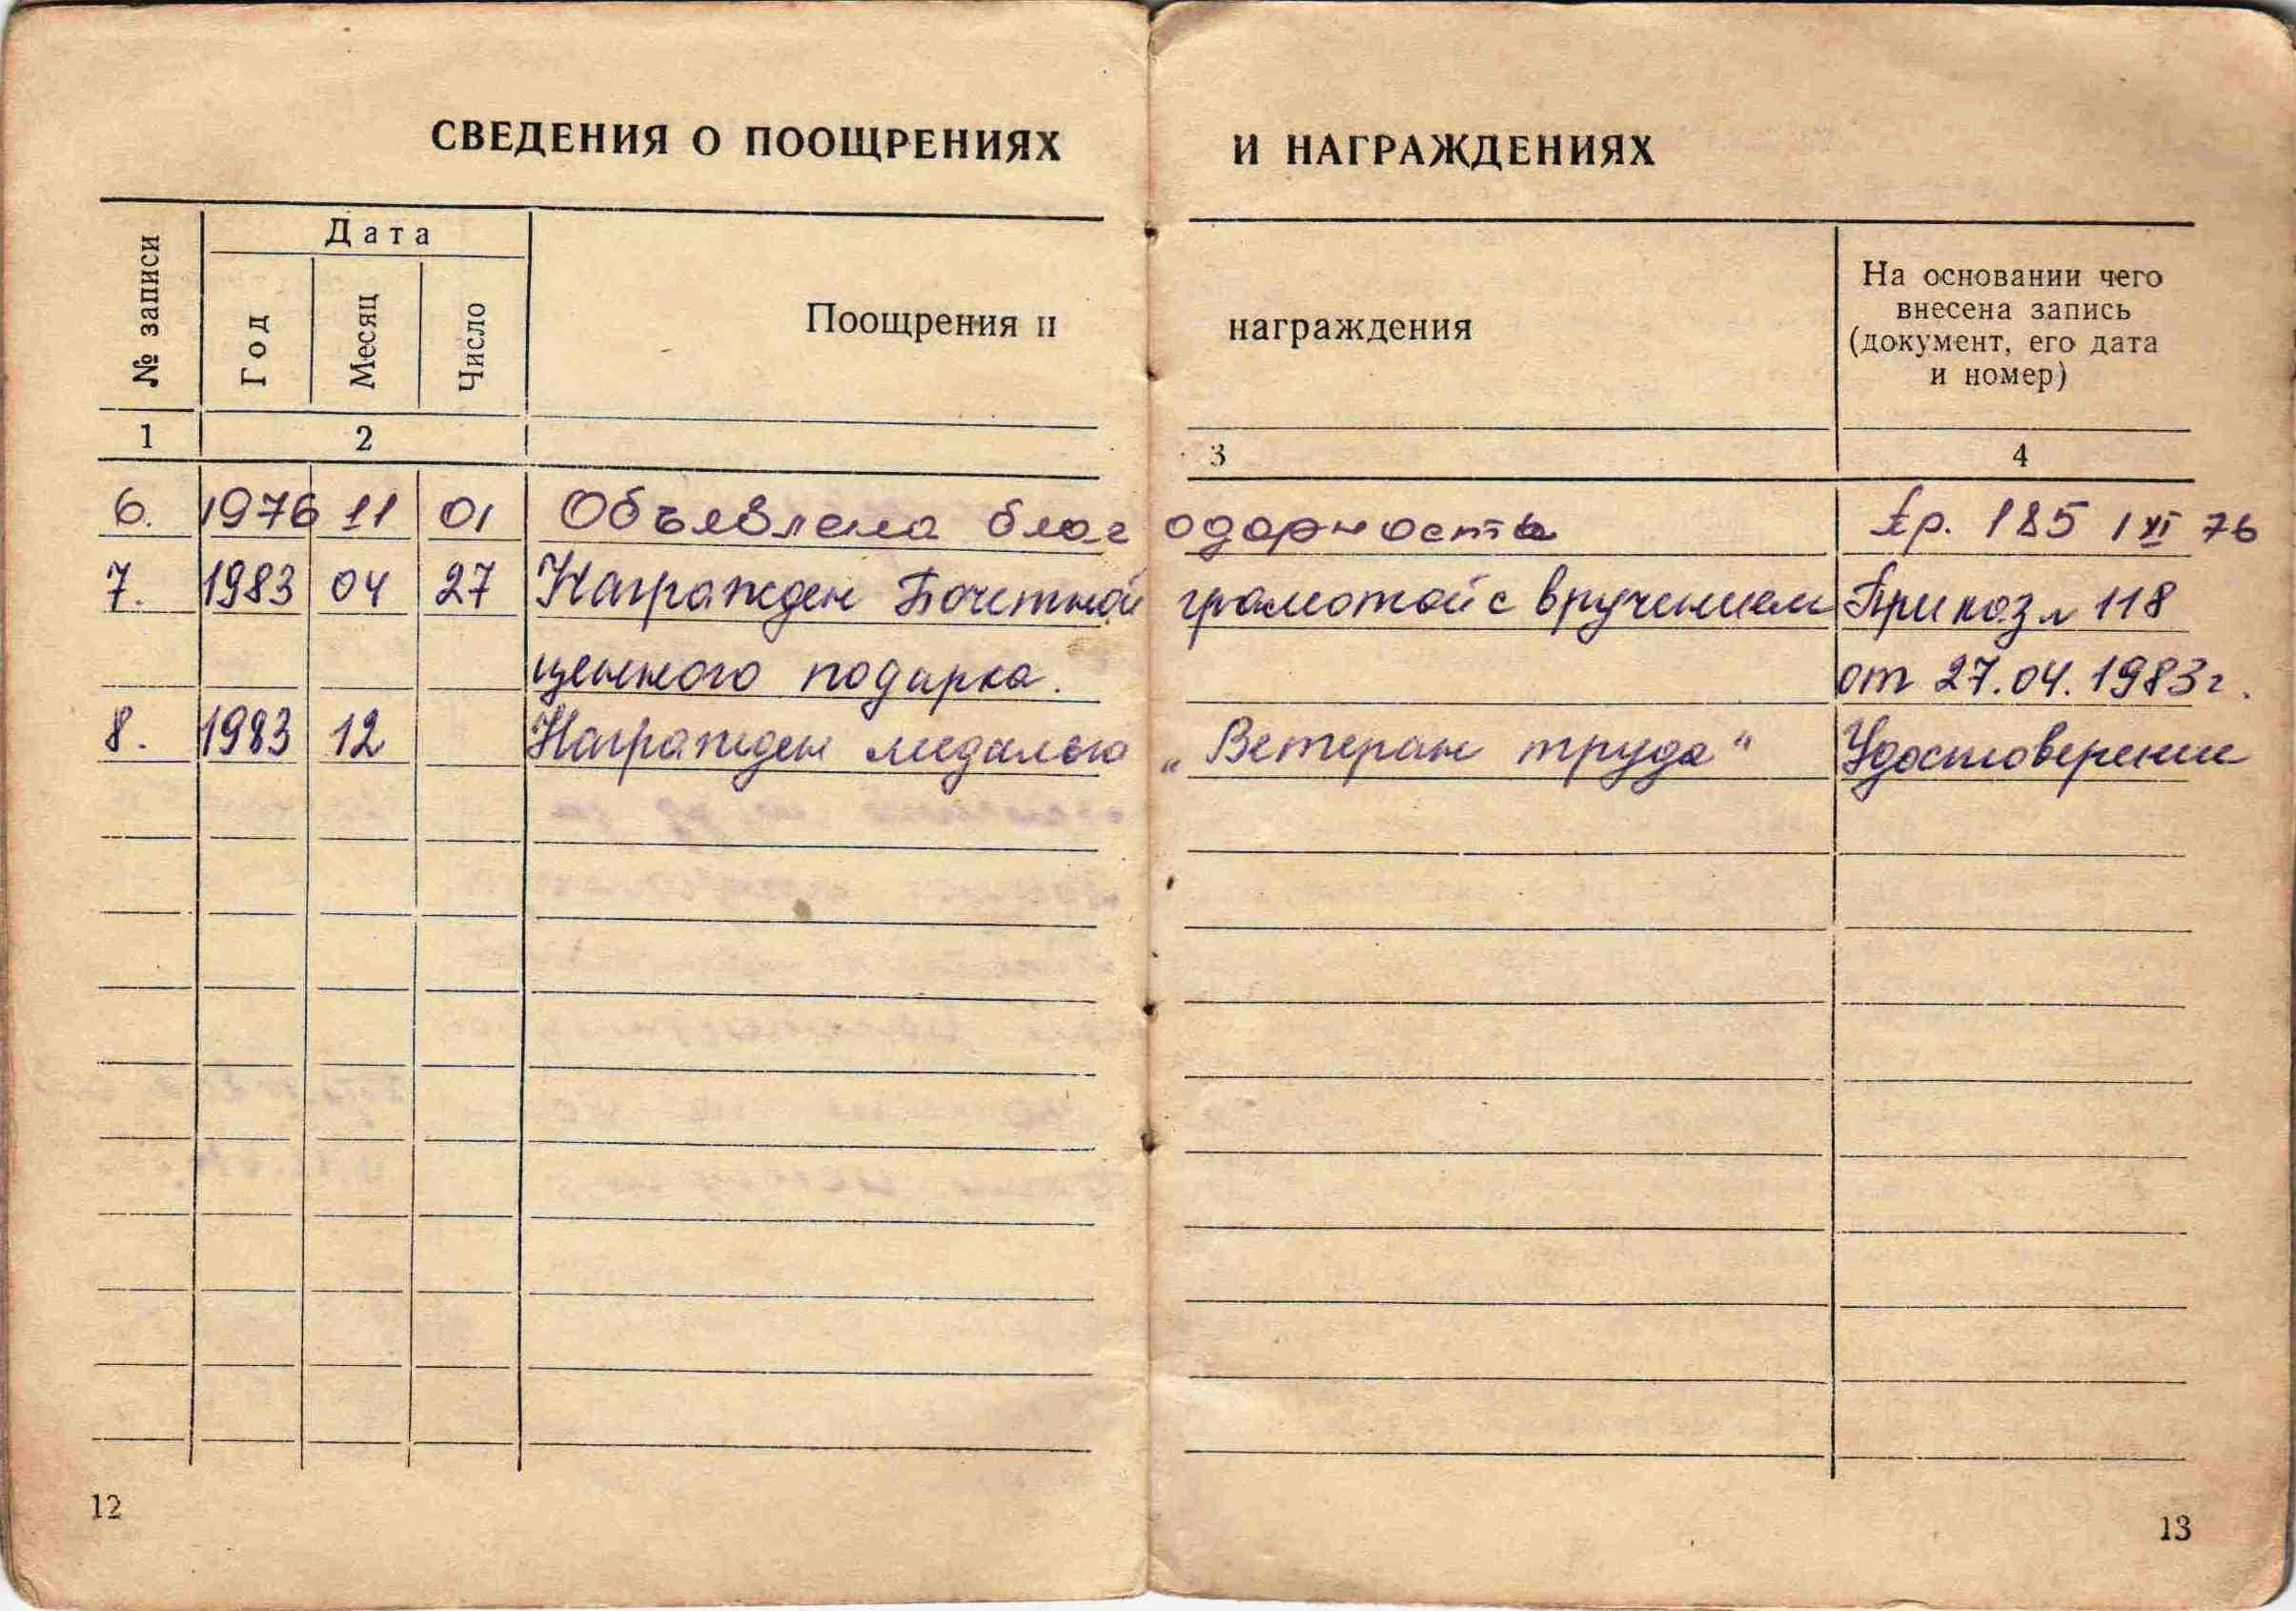 7. Трудовая книжка, 1954г.